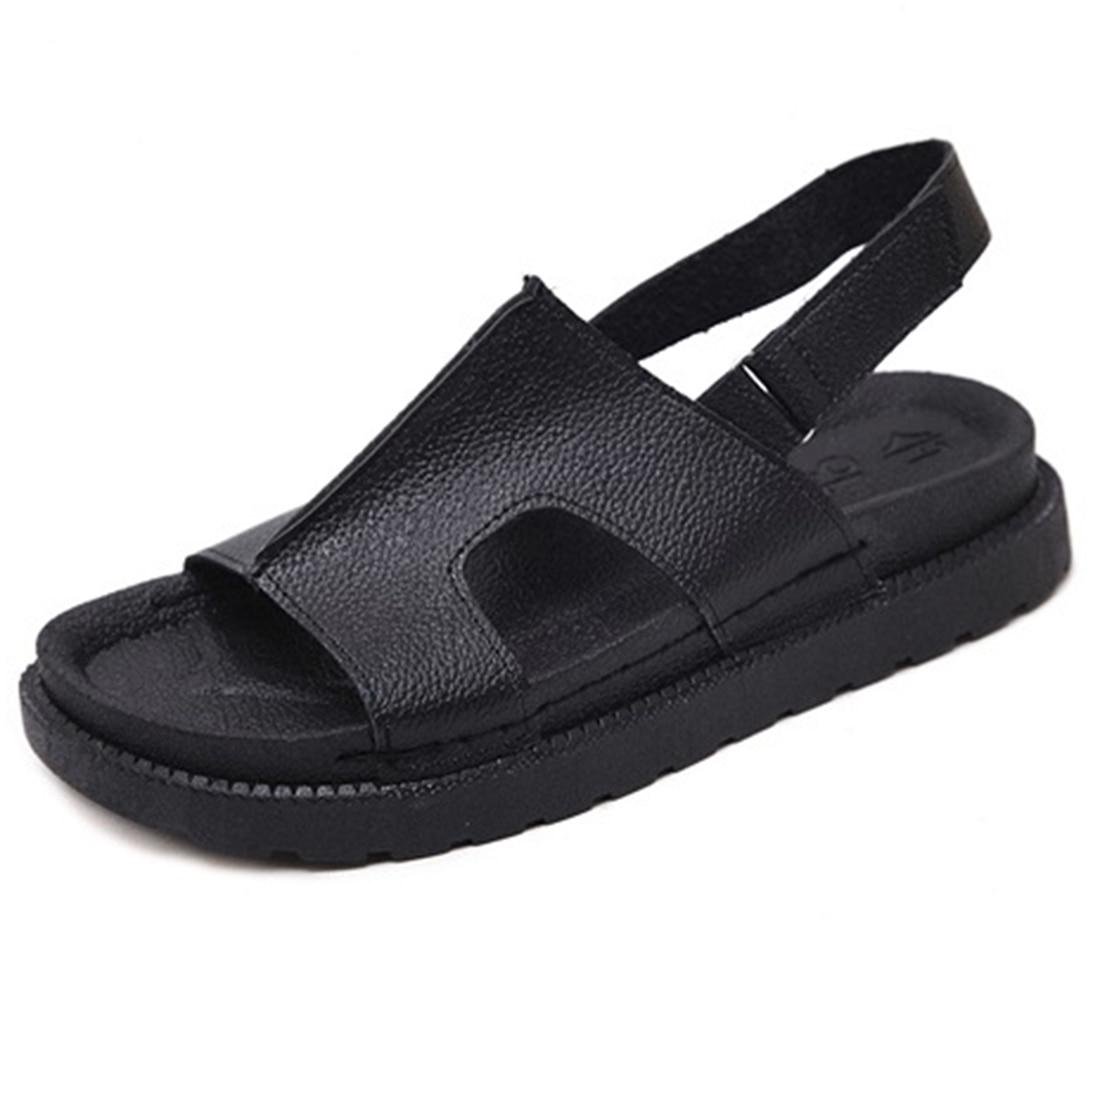 Musim Panas 2017 Lembut Kulit Flat Sandal Wanita Sepatu Hitam Putih Sendal Gelang Ring Warna 35 40 Ukuran Kembali Tali Gratis Pengiriman Di Dari